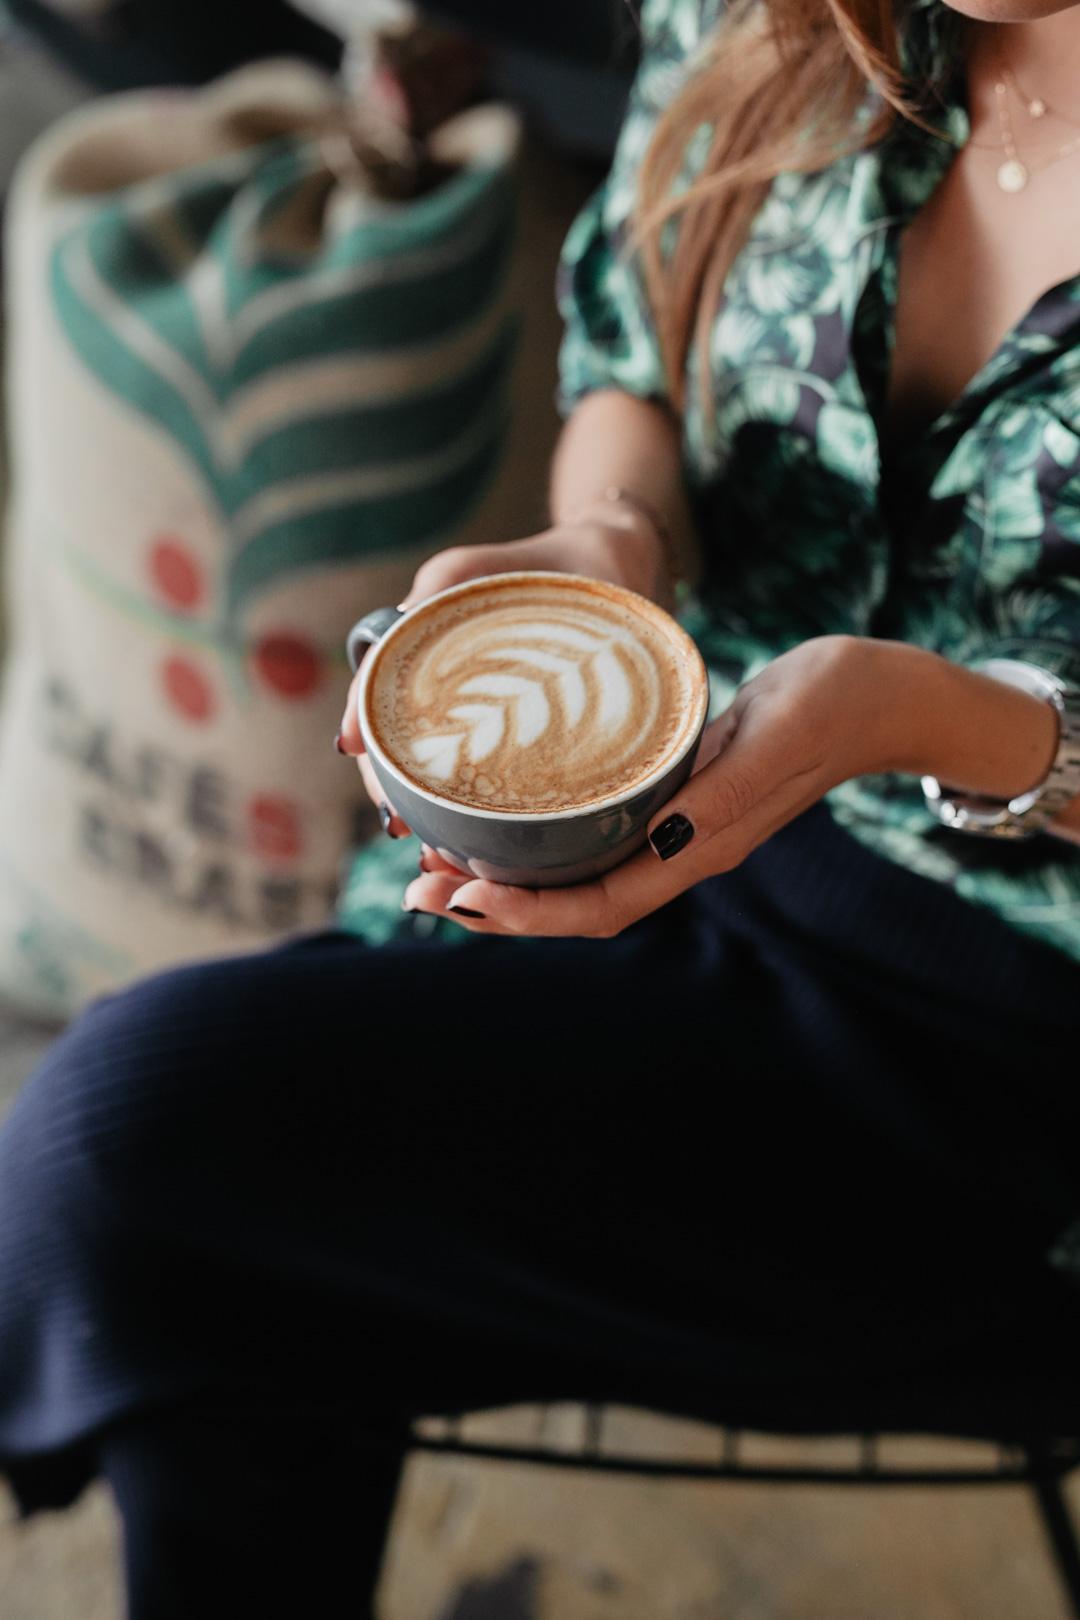 Pieces Of The Week 312, Durgol Coffee Day - www.piecesofmariposa.com | Fashion und Lifestyle Blog aus Nürnberg